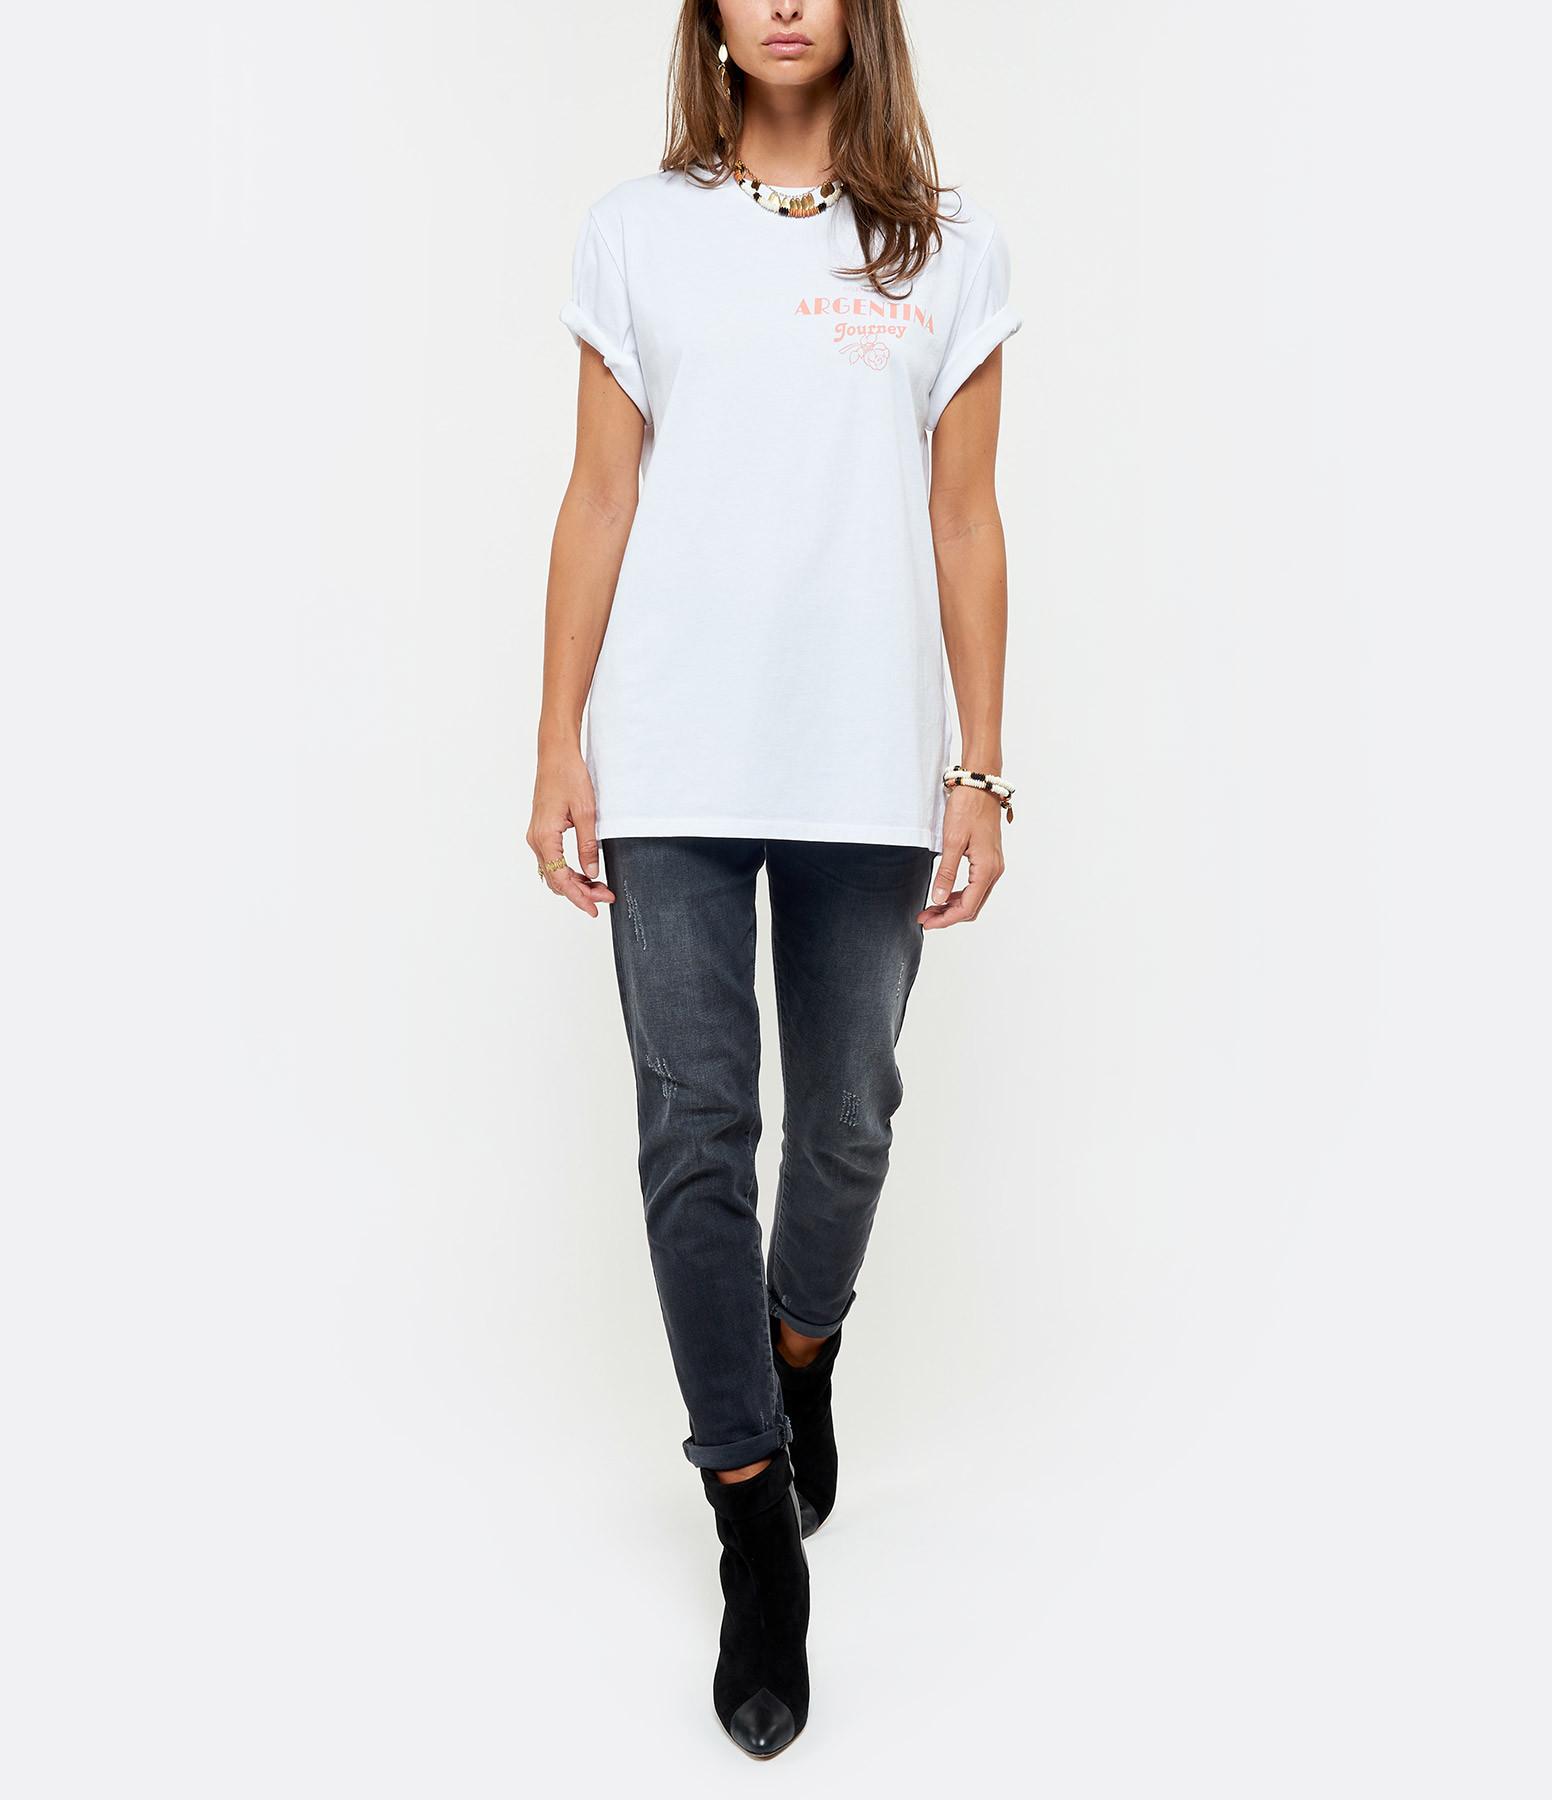 GOLDEN GOOSE - Tee-shirt Argentina Coton Blanc Saumon